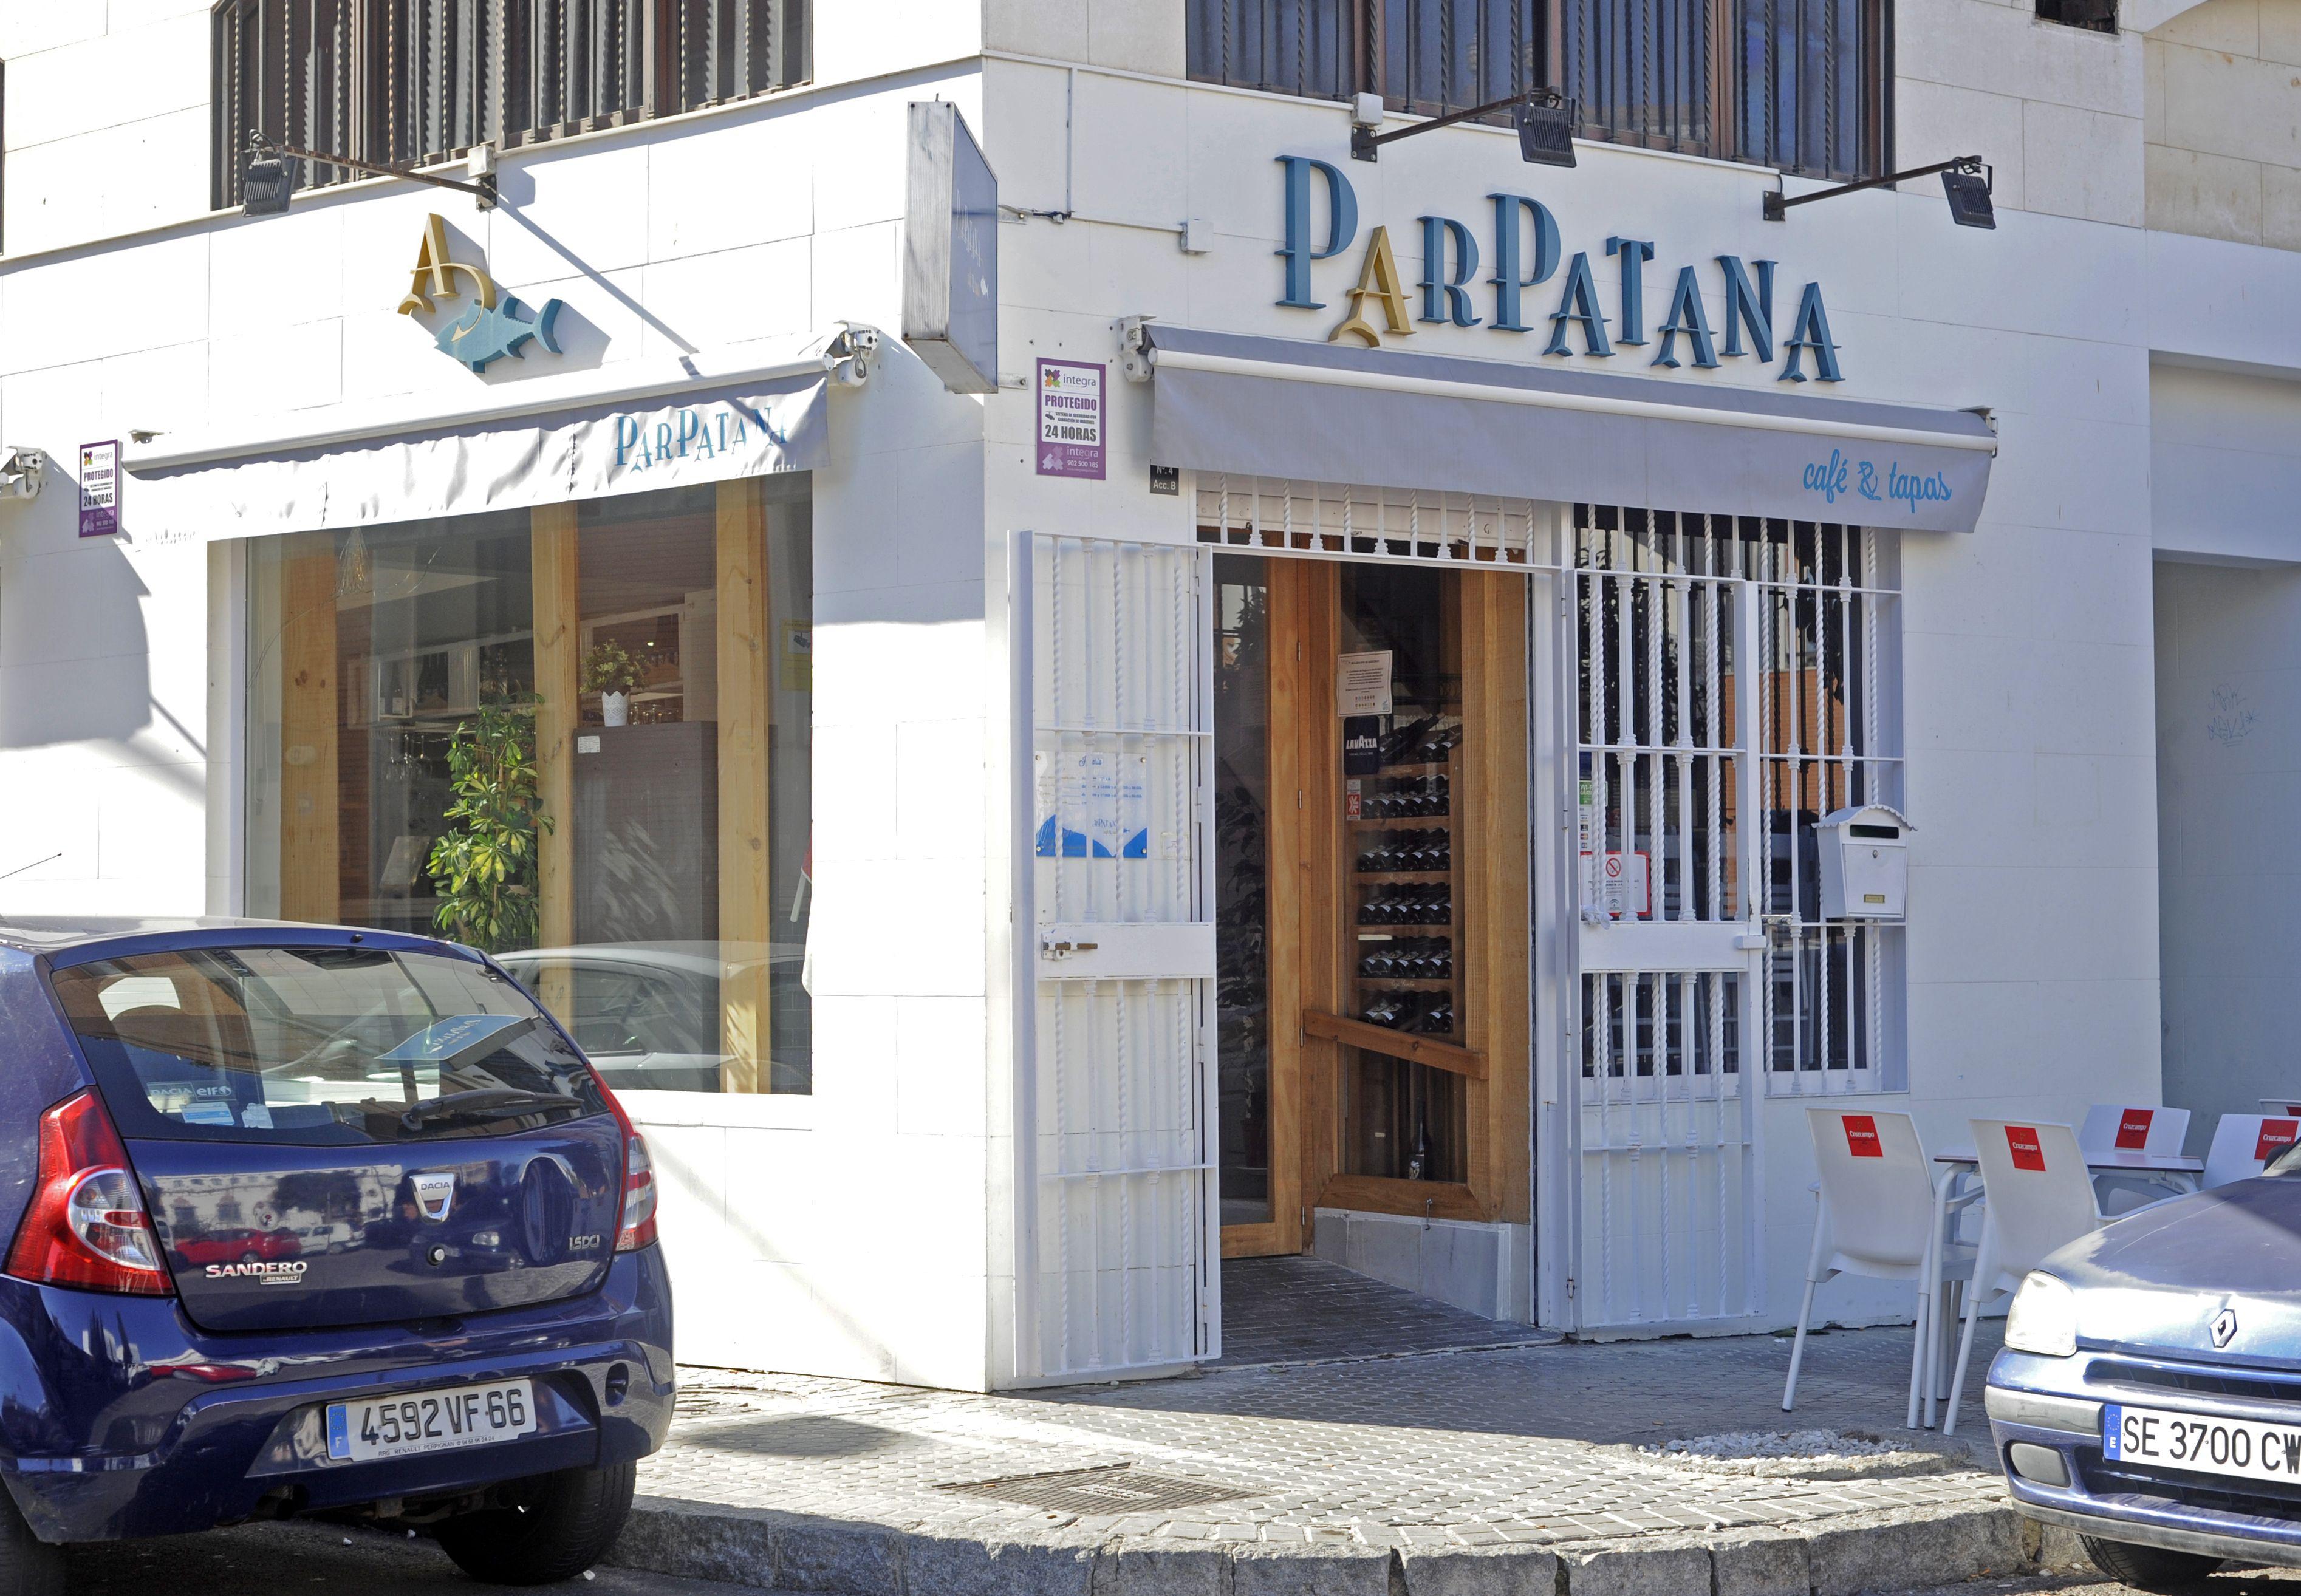 Parpatana Café & Tapas en el Barrio de Nervión de Sevilla